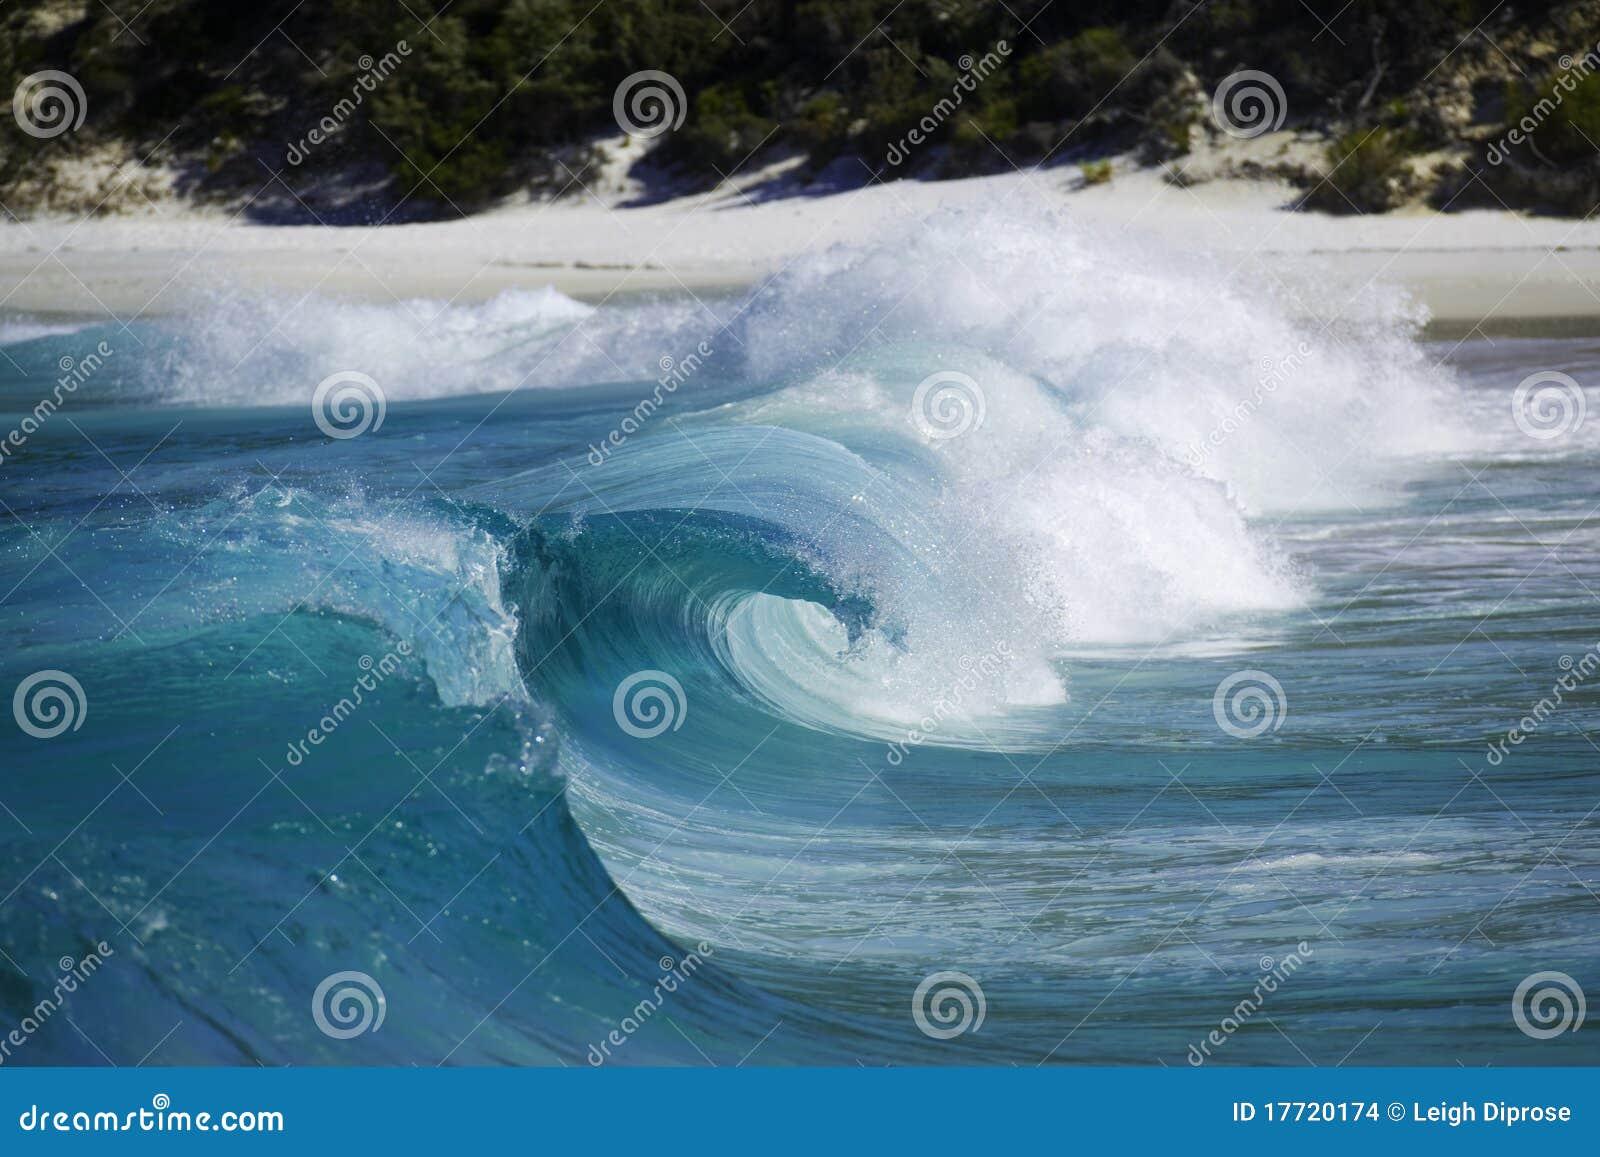 Download Big waves stock photo. Image of breaking, waterside, oceanside - 17720174